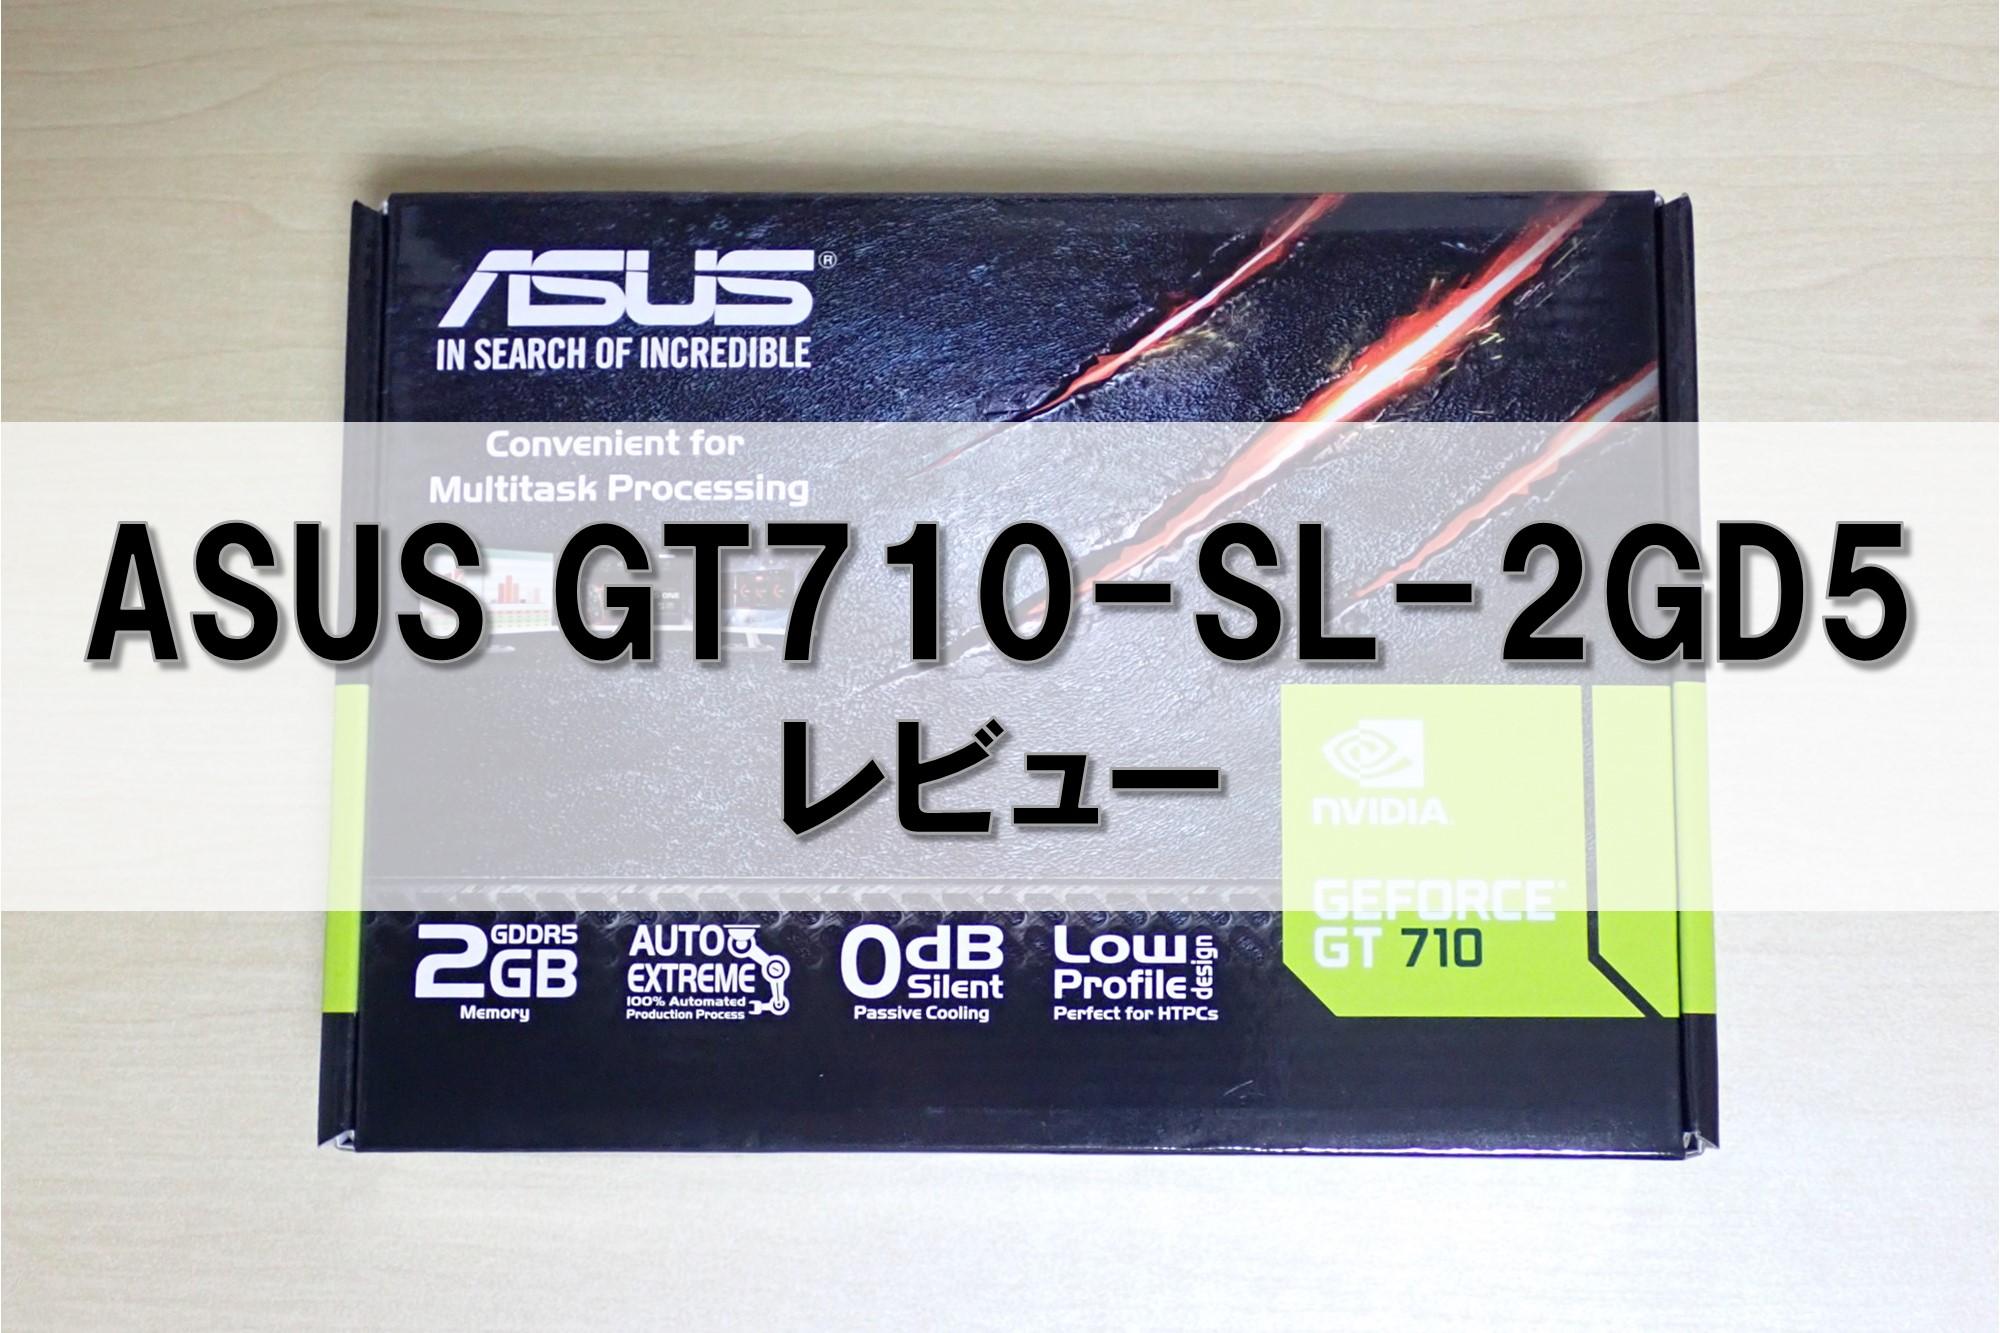 ASUS ファンレスグラフィックボード GT710-SL-2GD5 レビュー